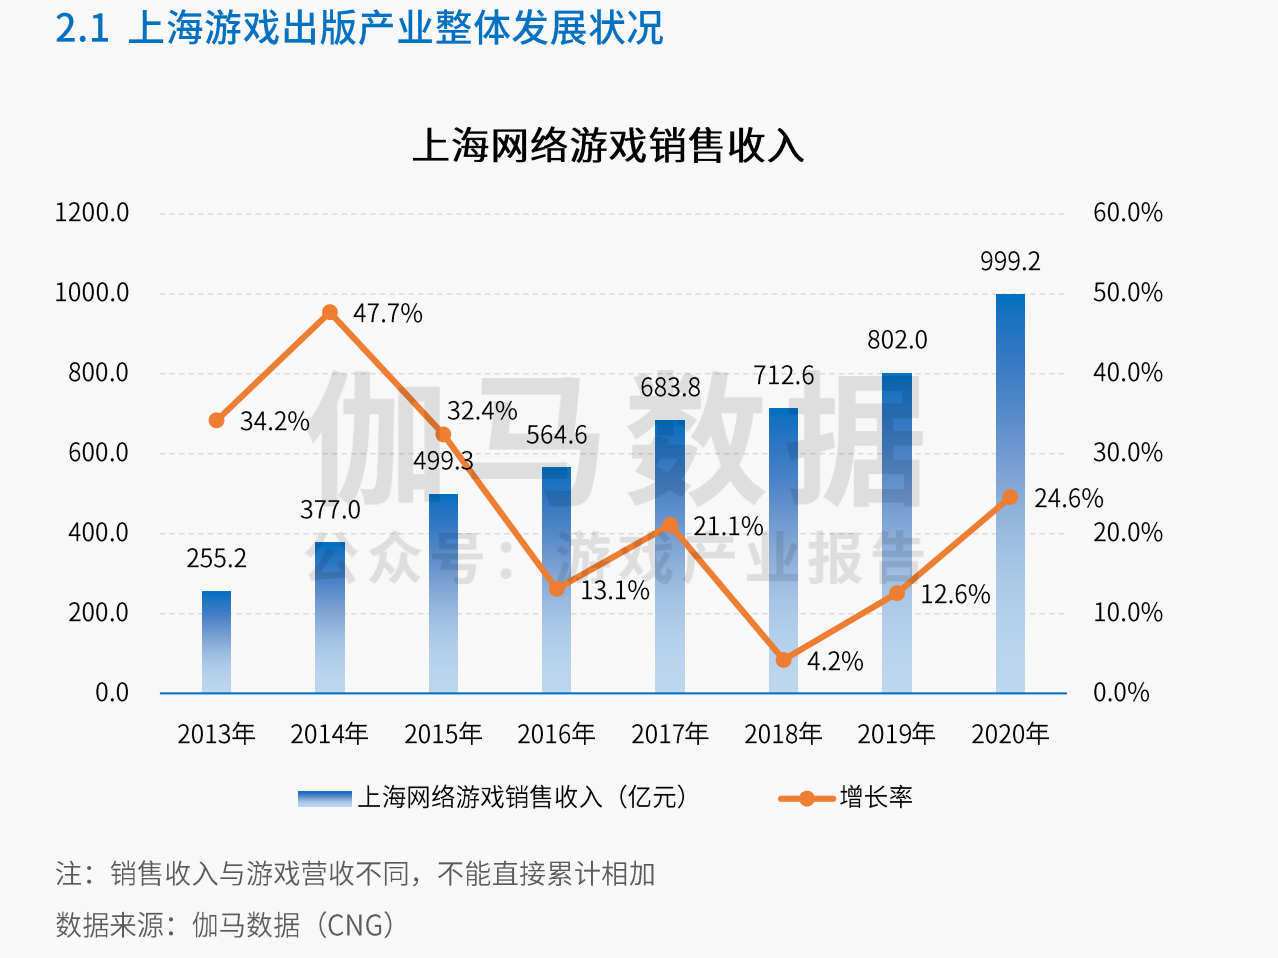 上海游戏产业去年总销售收入1206亿元,产业引领作用突出